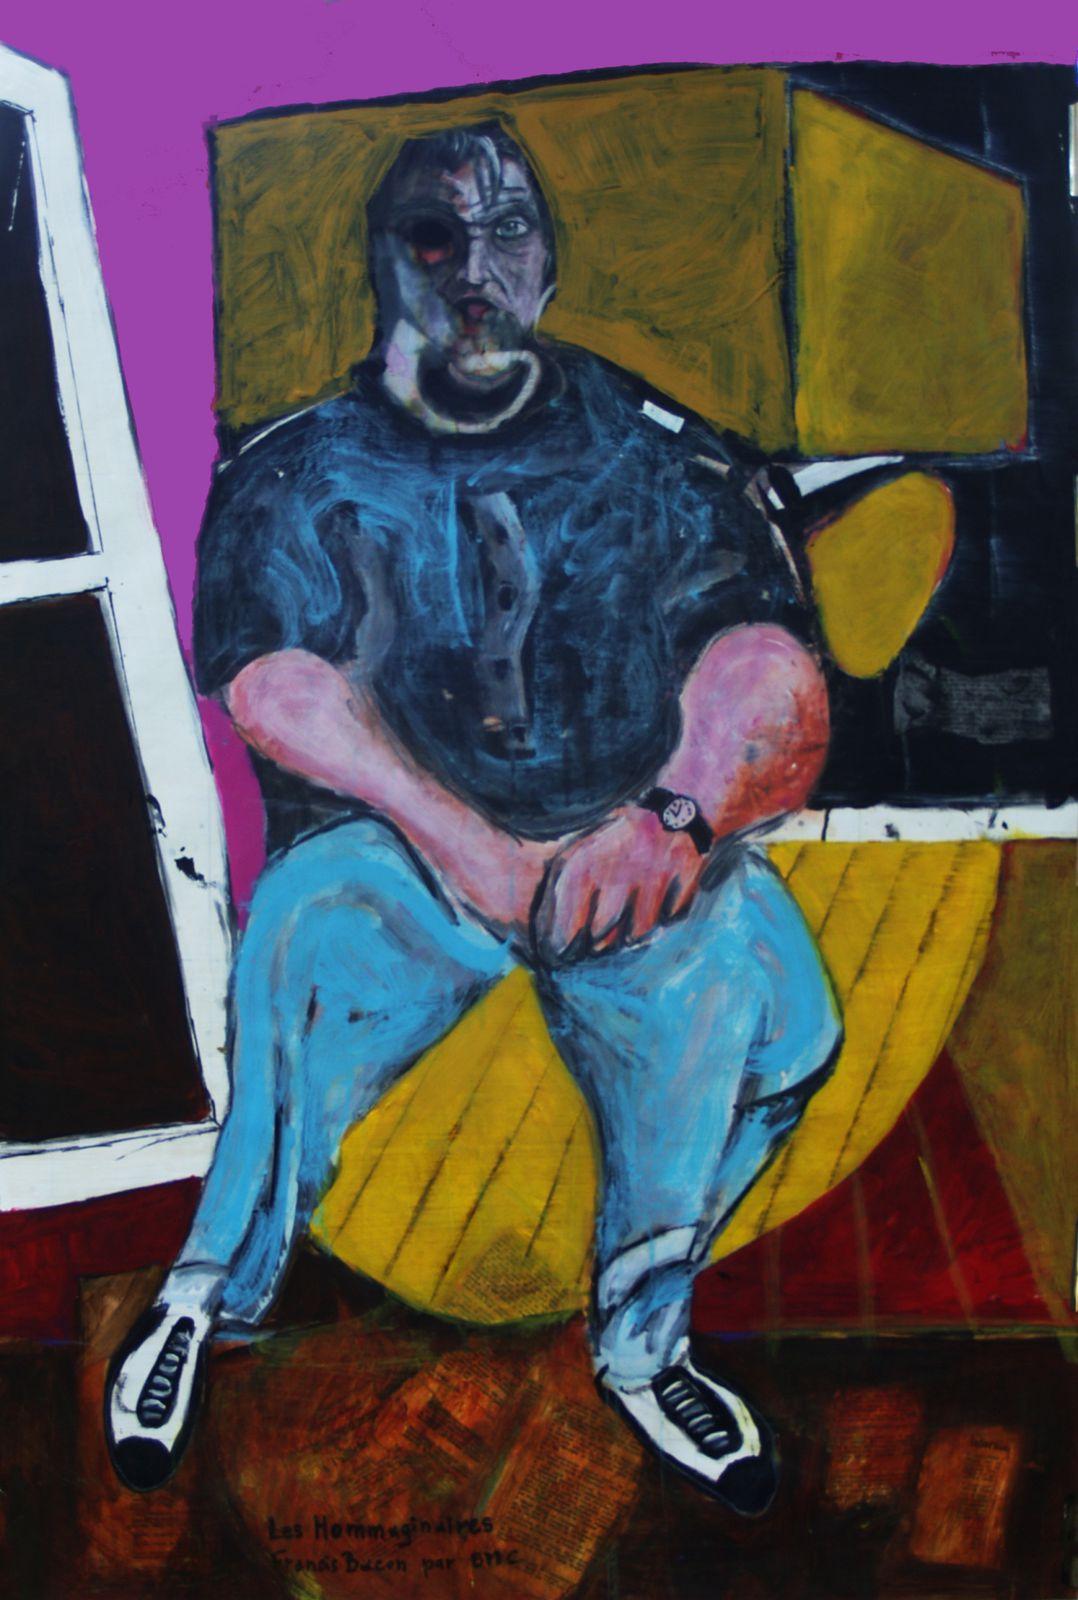 60 - Les Hommaginaires - Francis Bacon par BMC - Technique mixte 110 x 75 cm.